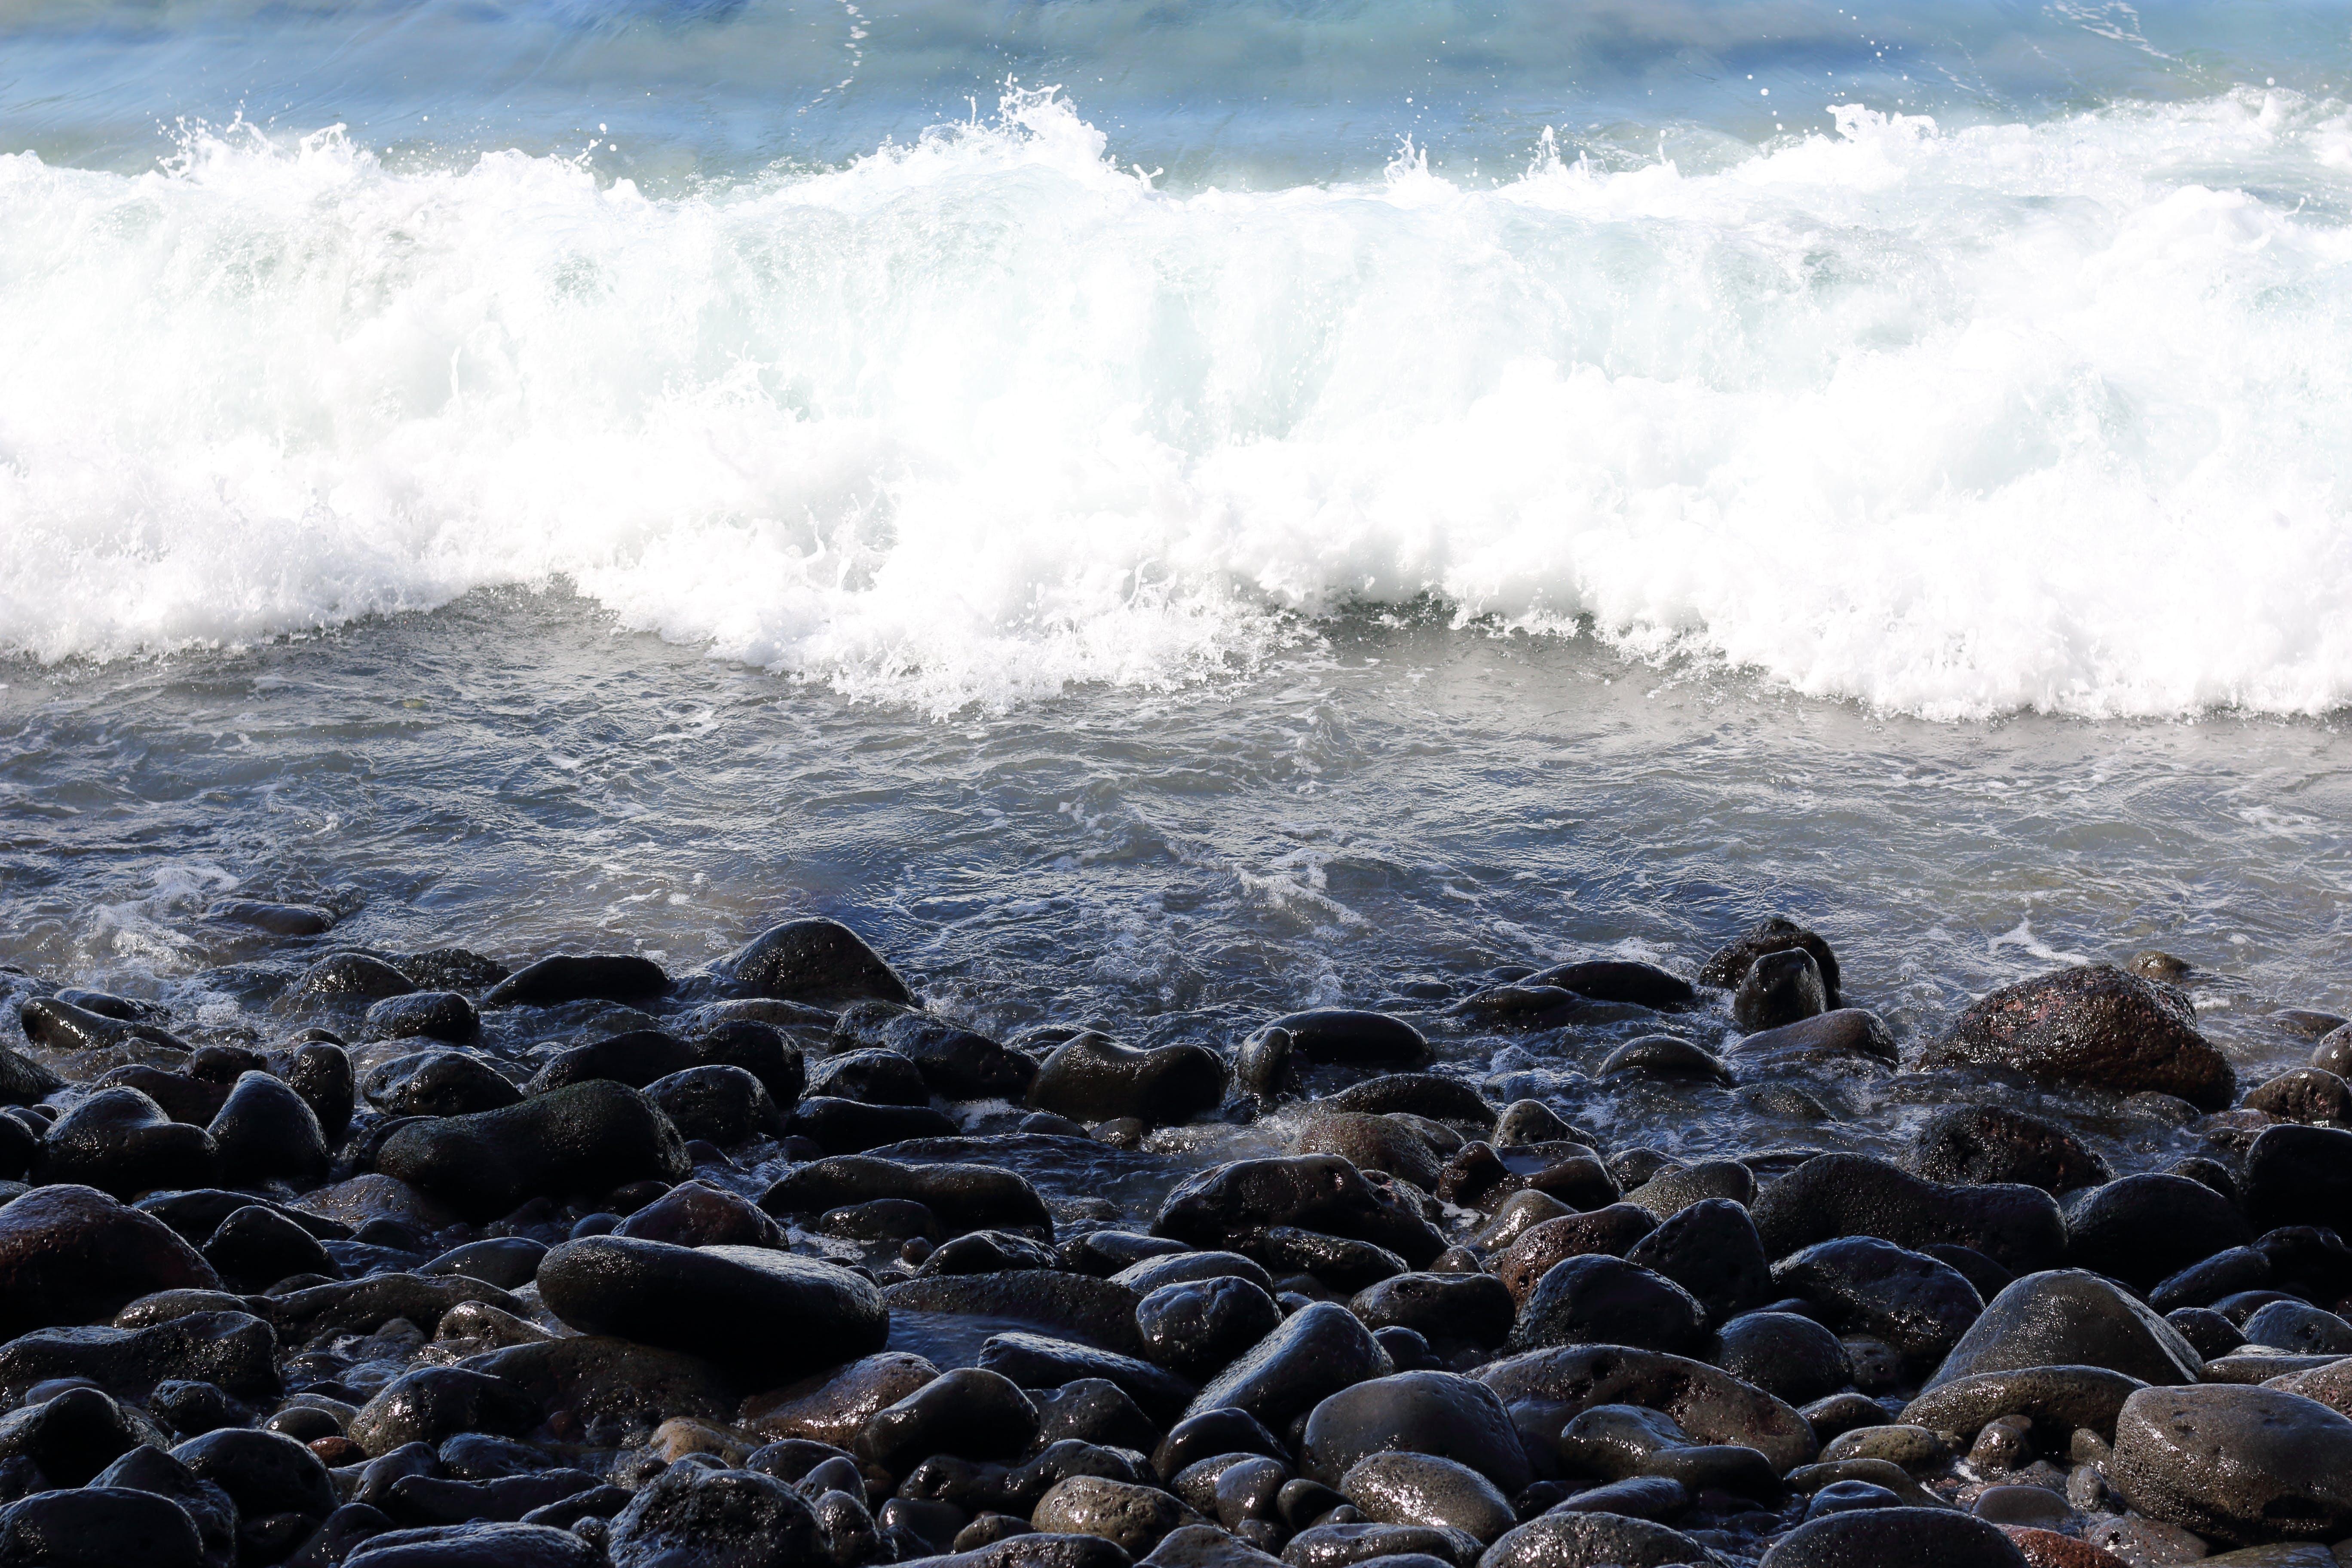 Δωρεάν στοκ φωτογραφιών με Surf, αλάτι, βράχια, βραχώδης